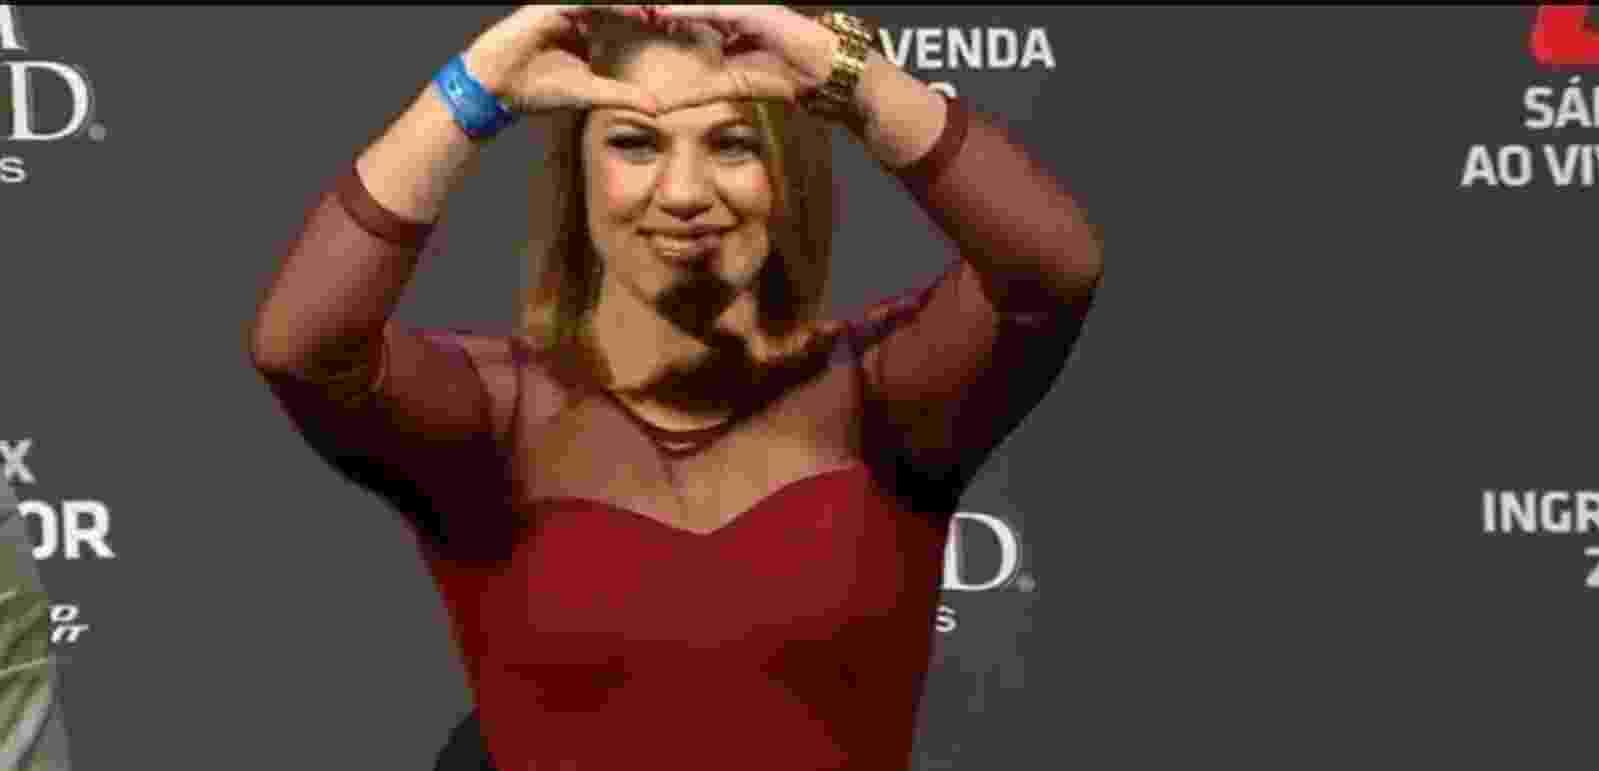 Bethe Correia faz coração com as mãos para a torcida durante entrevista coletiva ao lado de Ronda Rousey - Reprodução